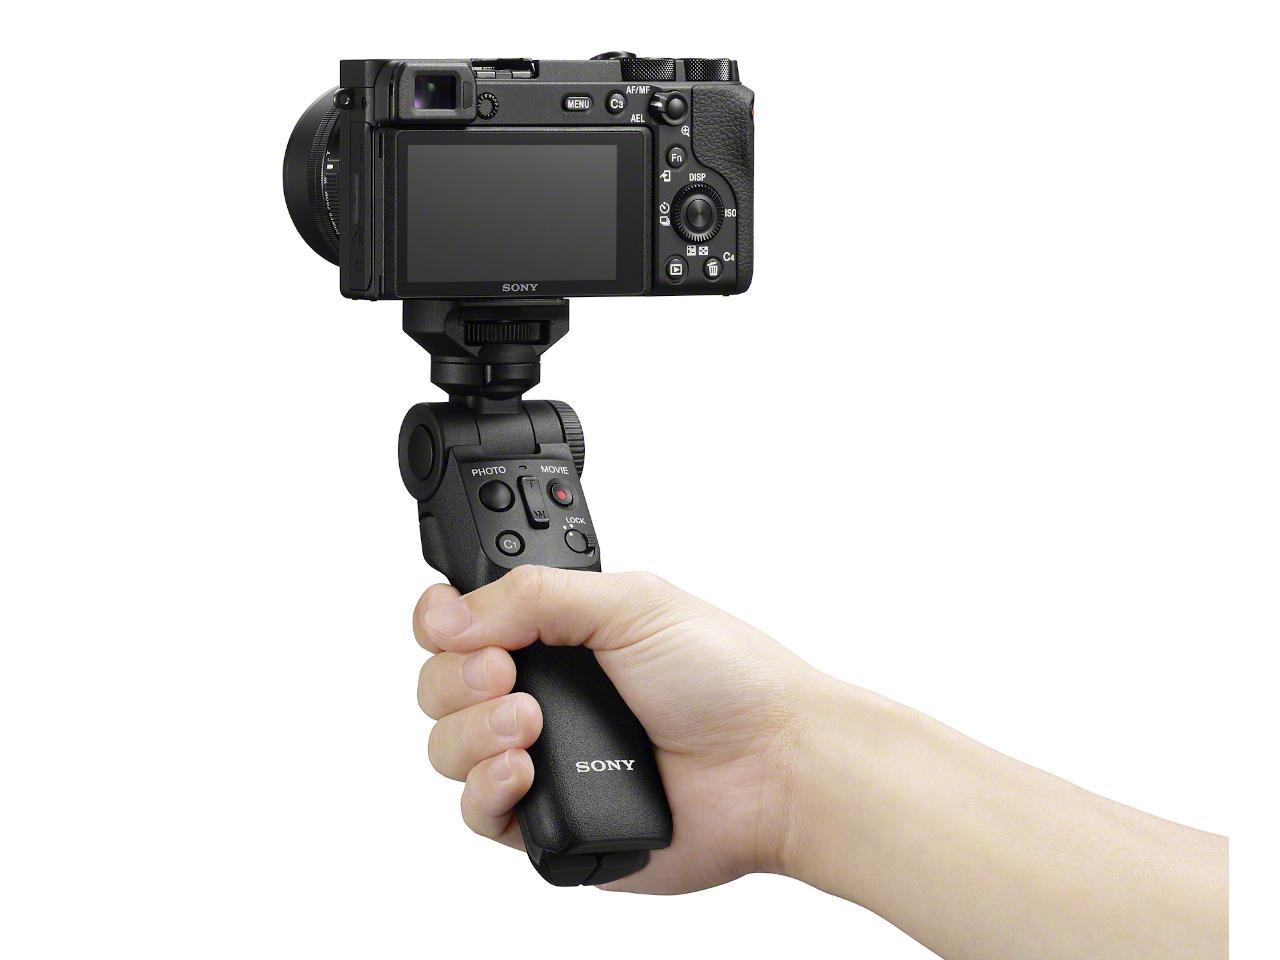 Sony opracowało własny uchwyt do bezlusterkowców. Nie trzeba go podłączać do aparatu kablem 18